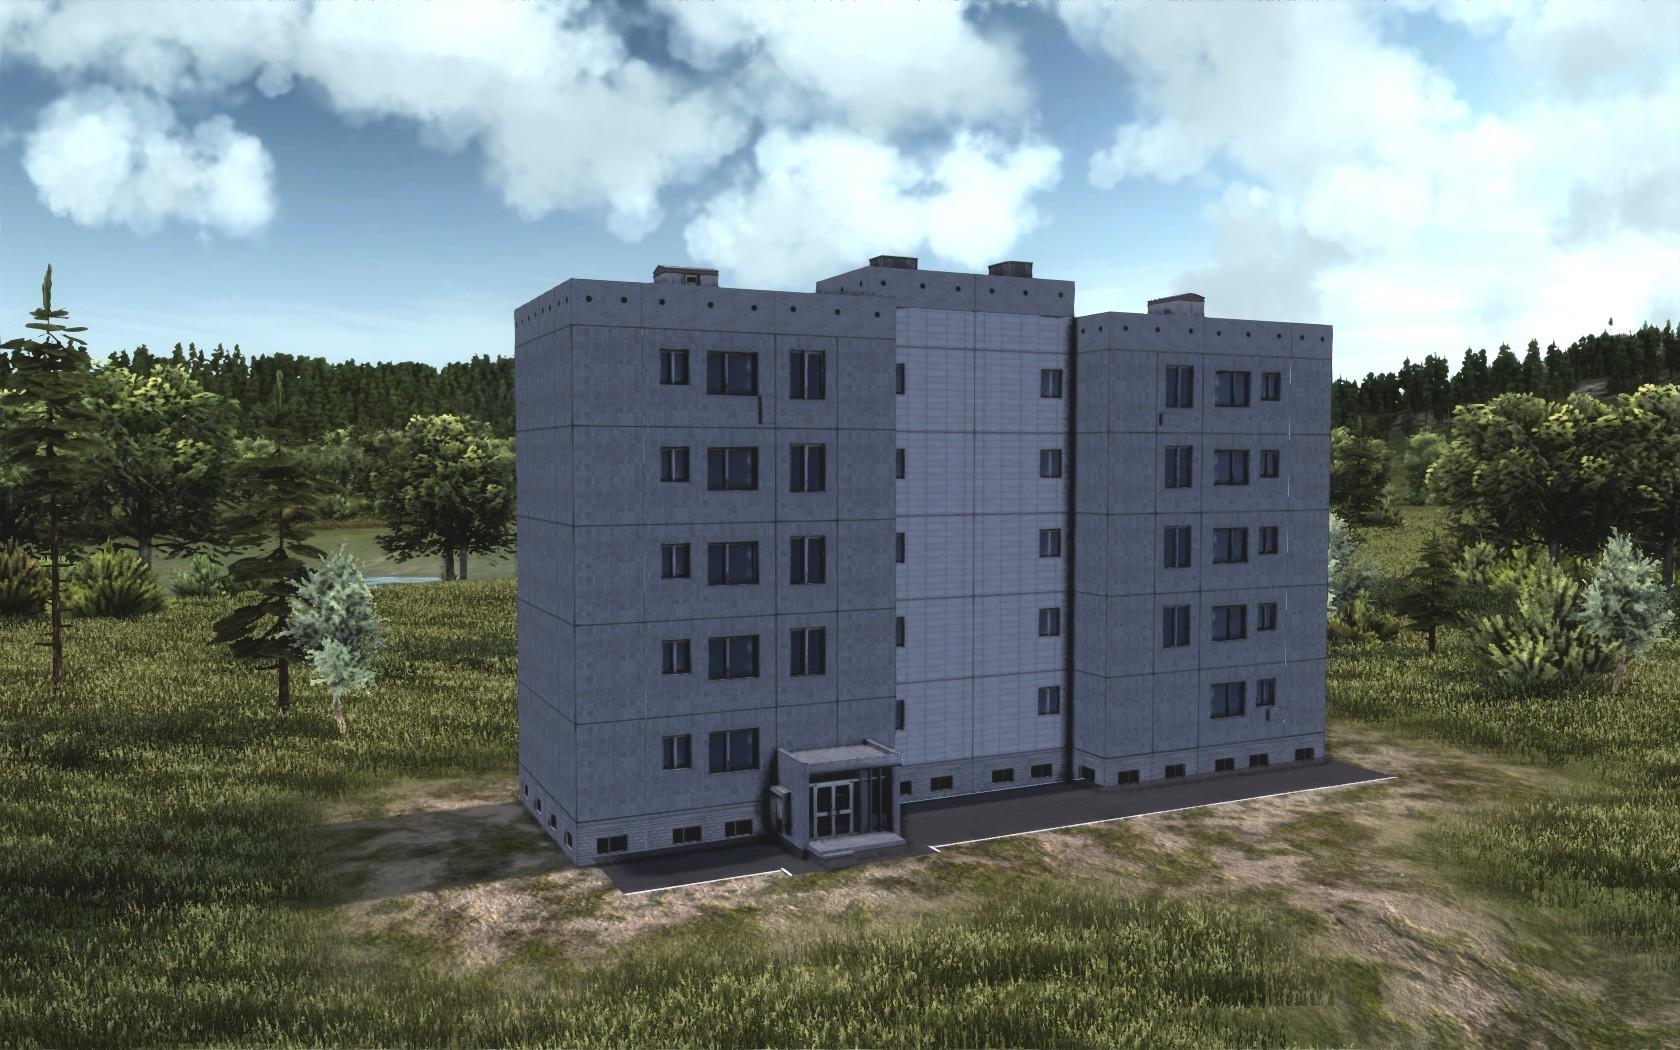 Измененная текстура пятиэтажки.